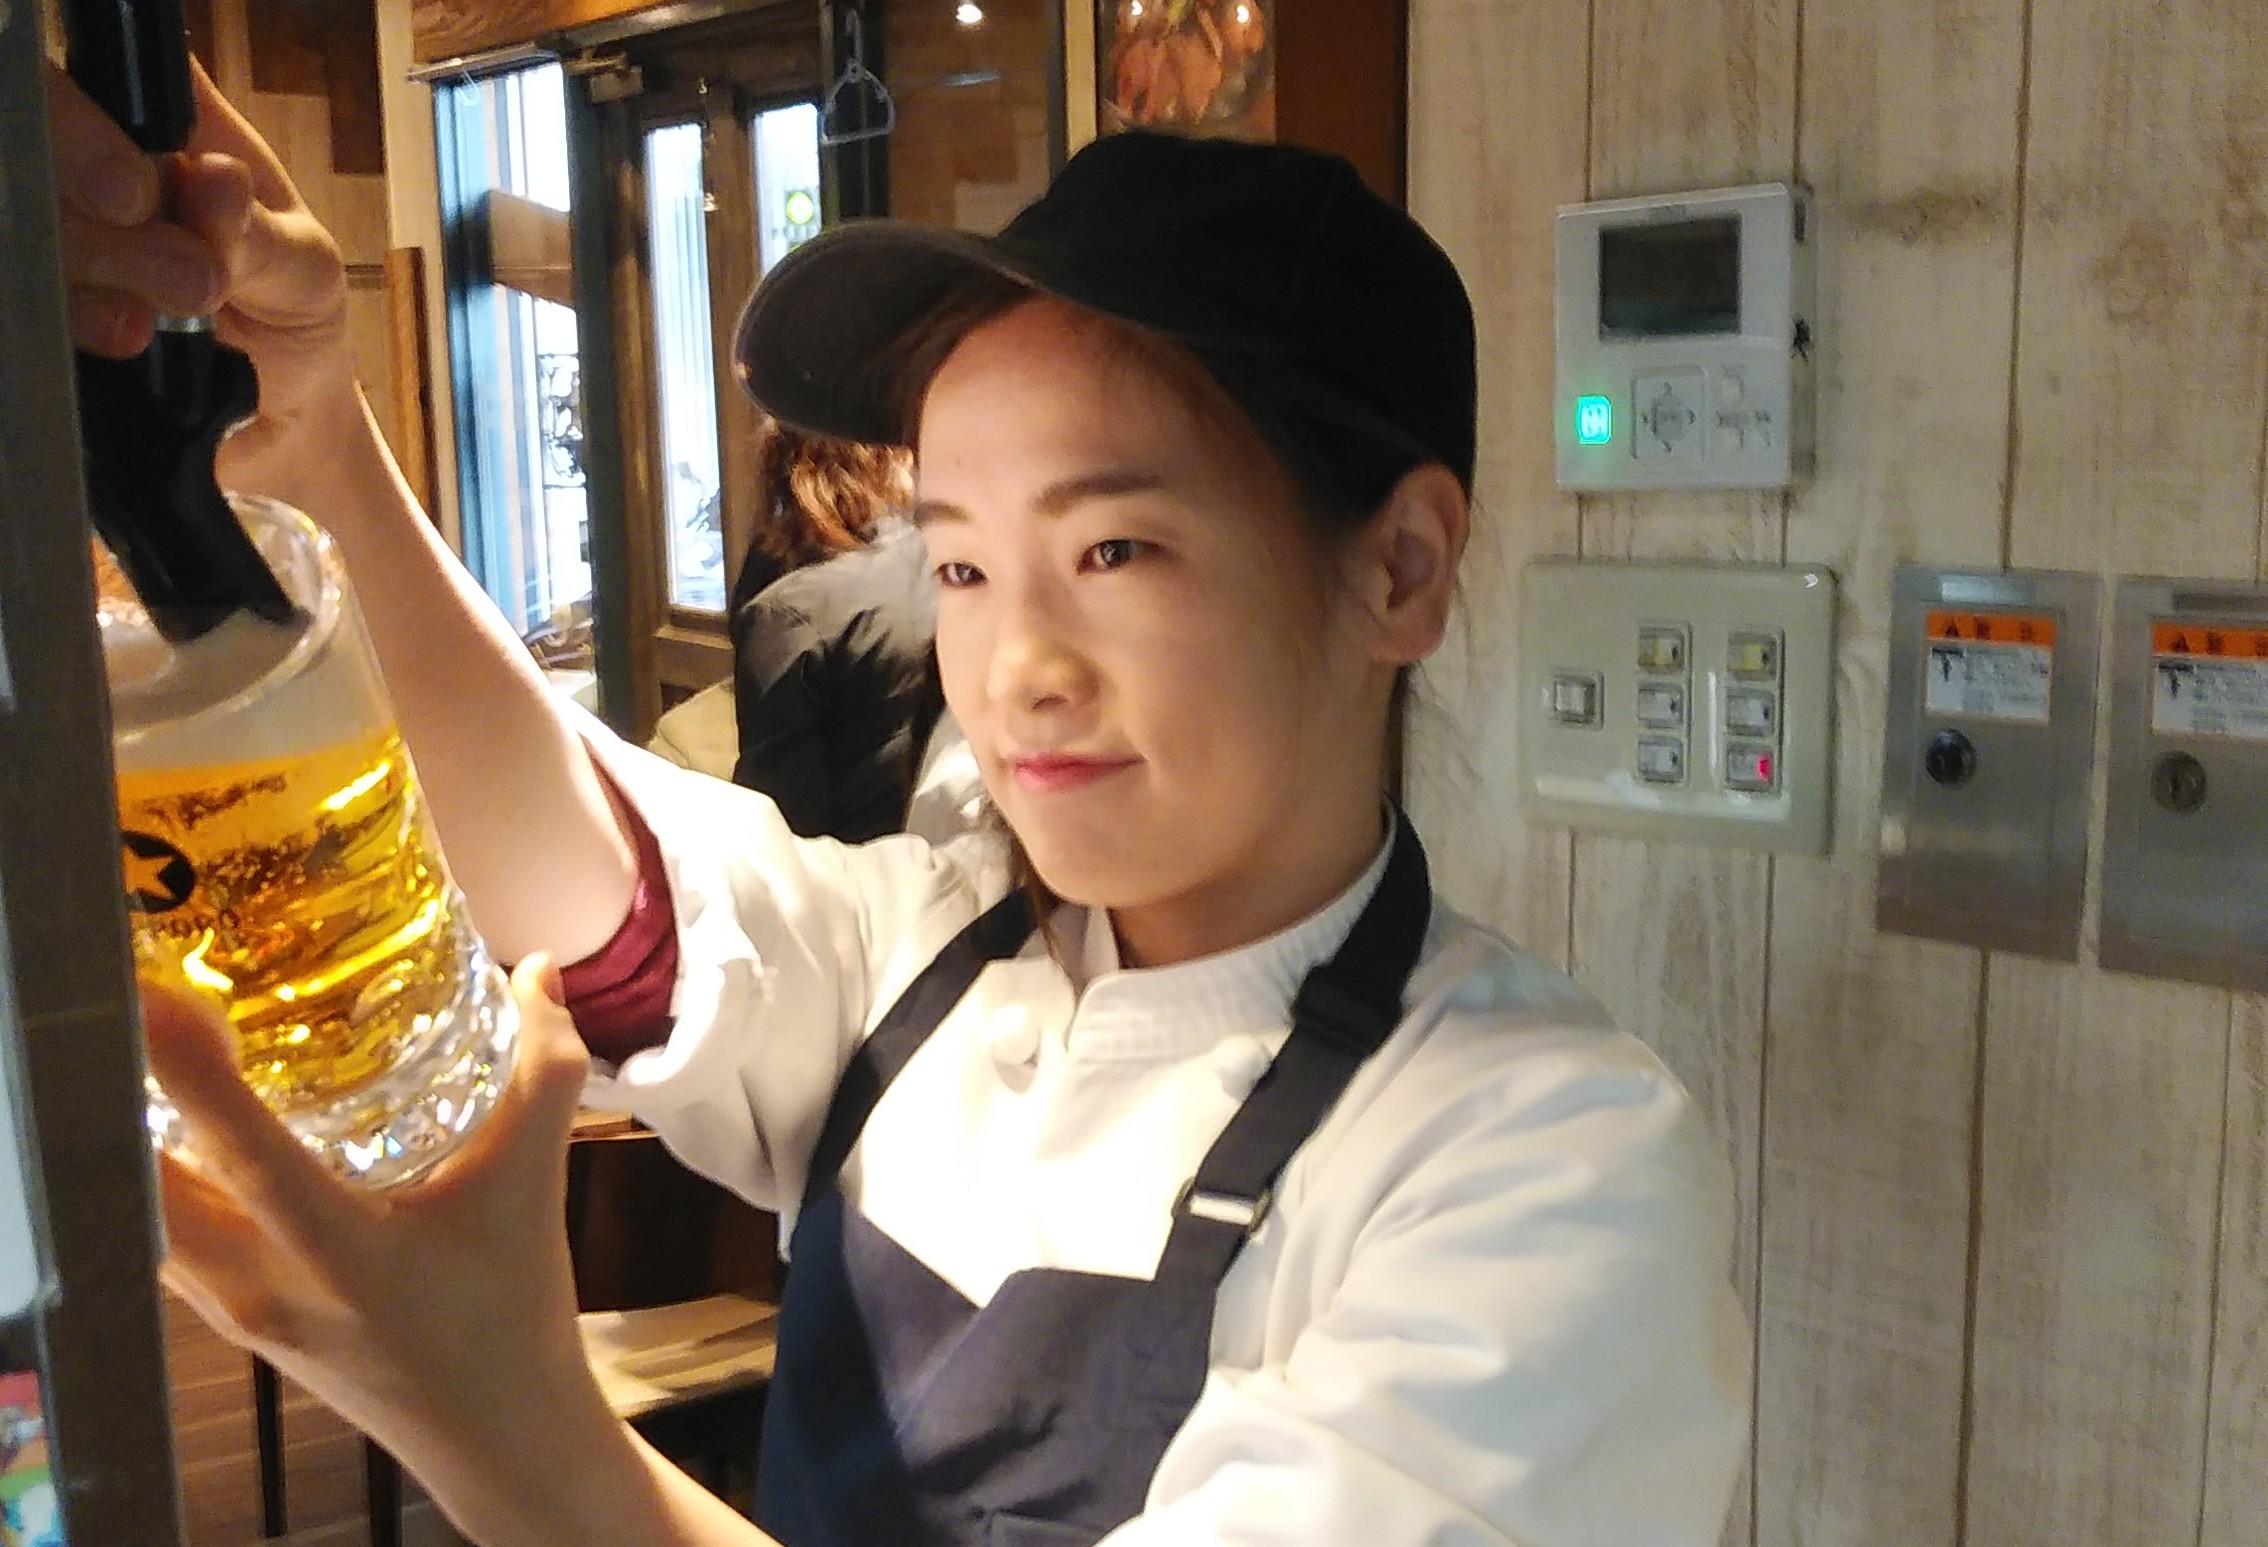 ステーキハウス ヒーローズで女性スタッフが生ビールを注いているところ